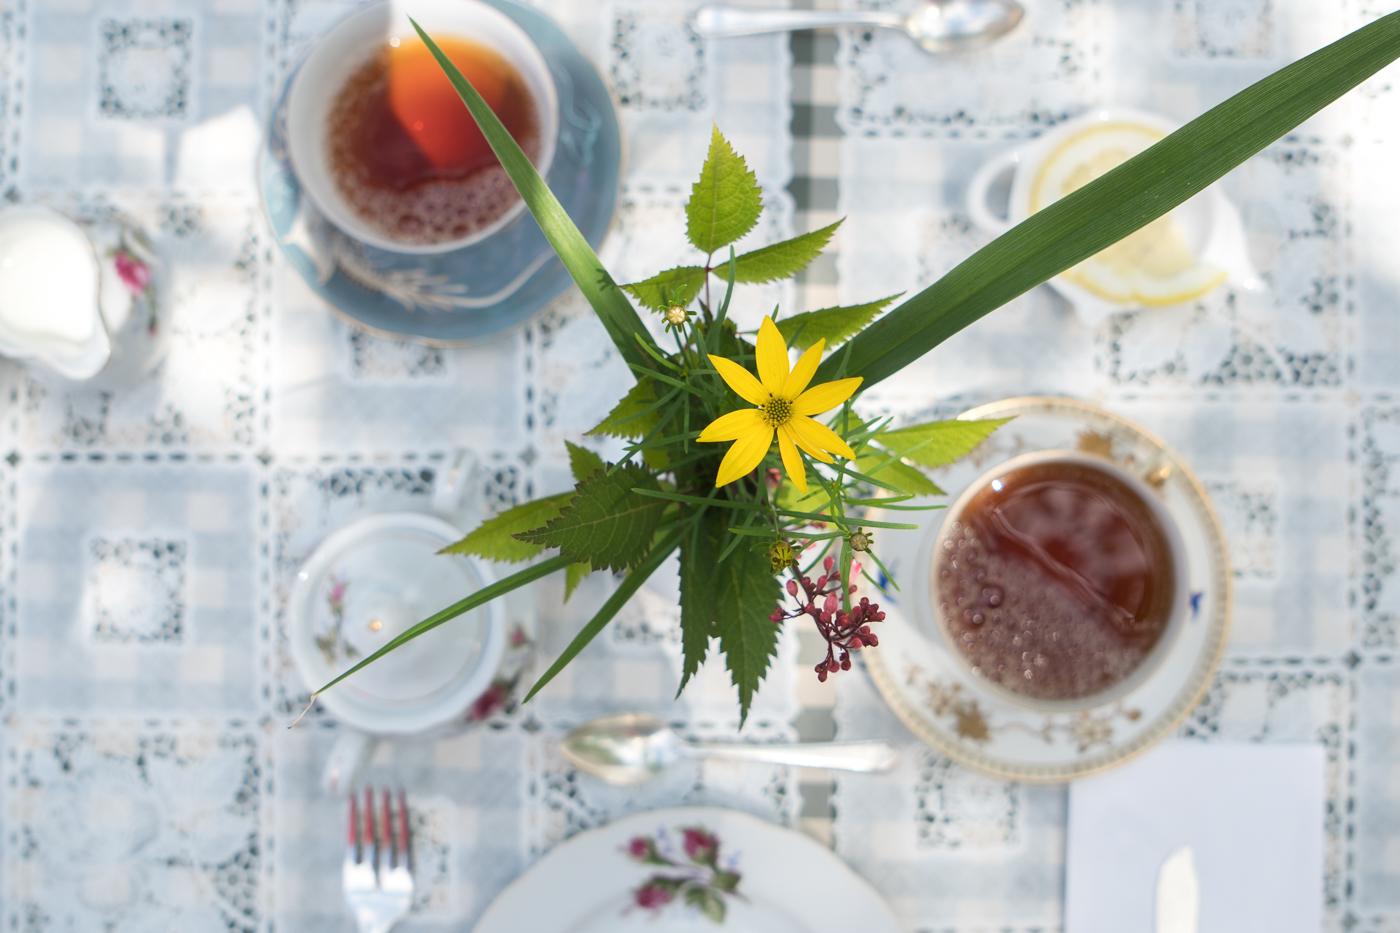 Table est mise pour le service de thé à l'anglaise à Sherbrooke, Québec